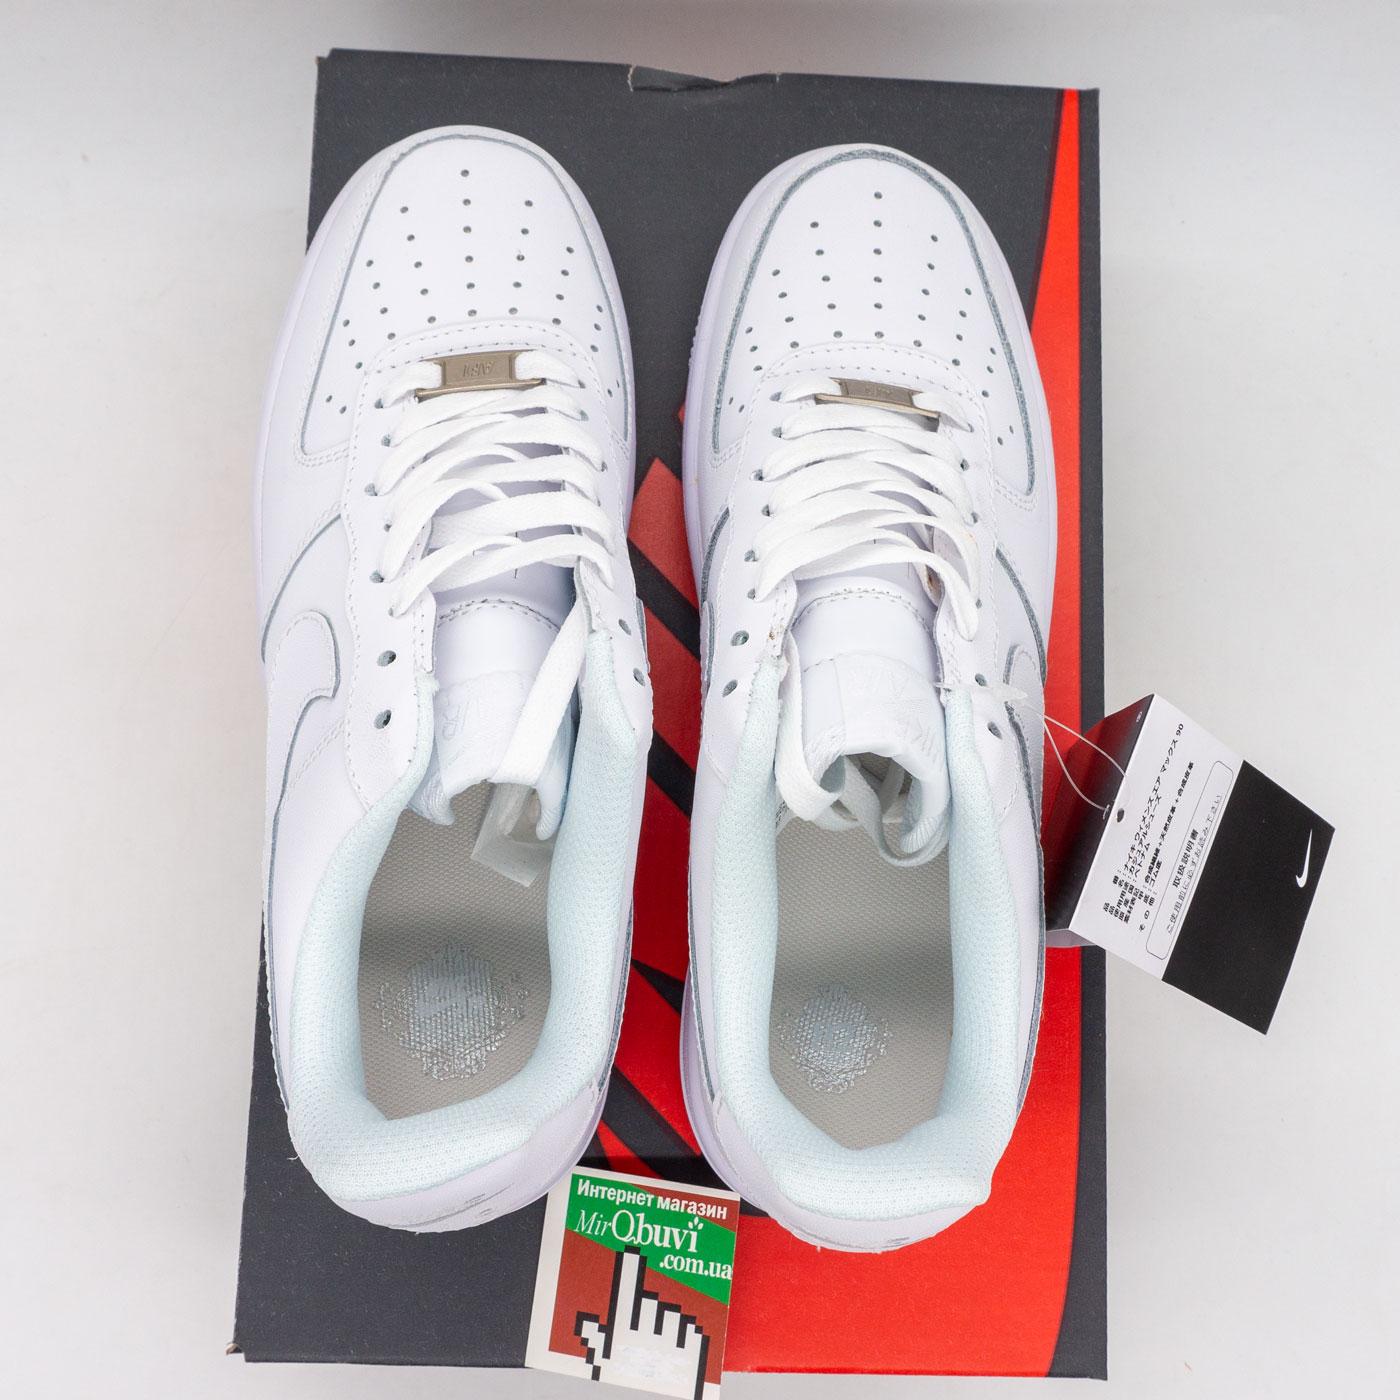 фото back Кроссовки Nike Air Force 1 низкие белые - Топ качество back